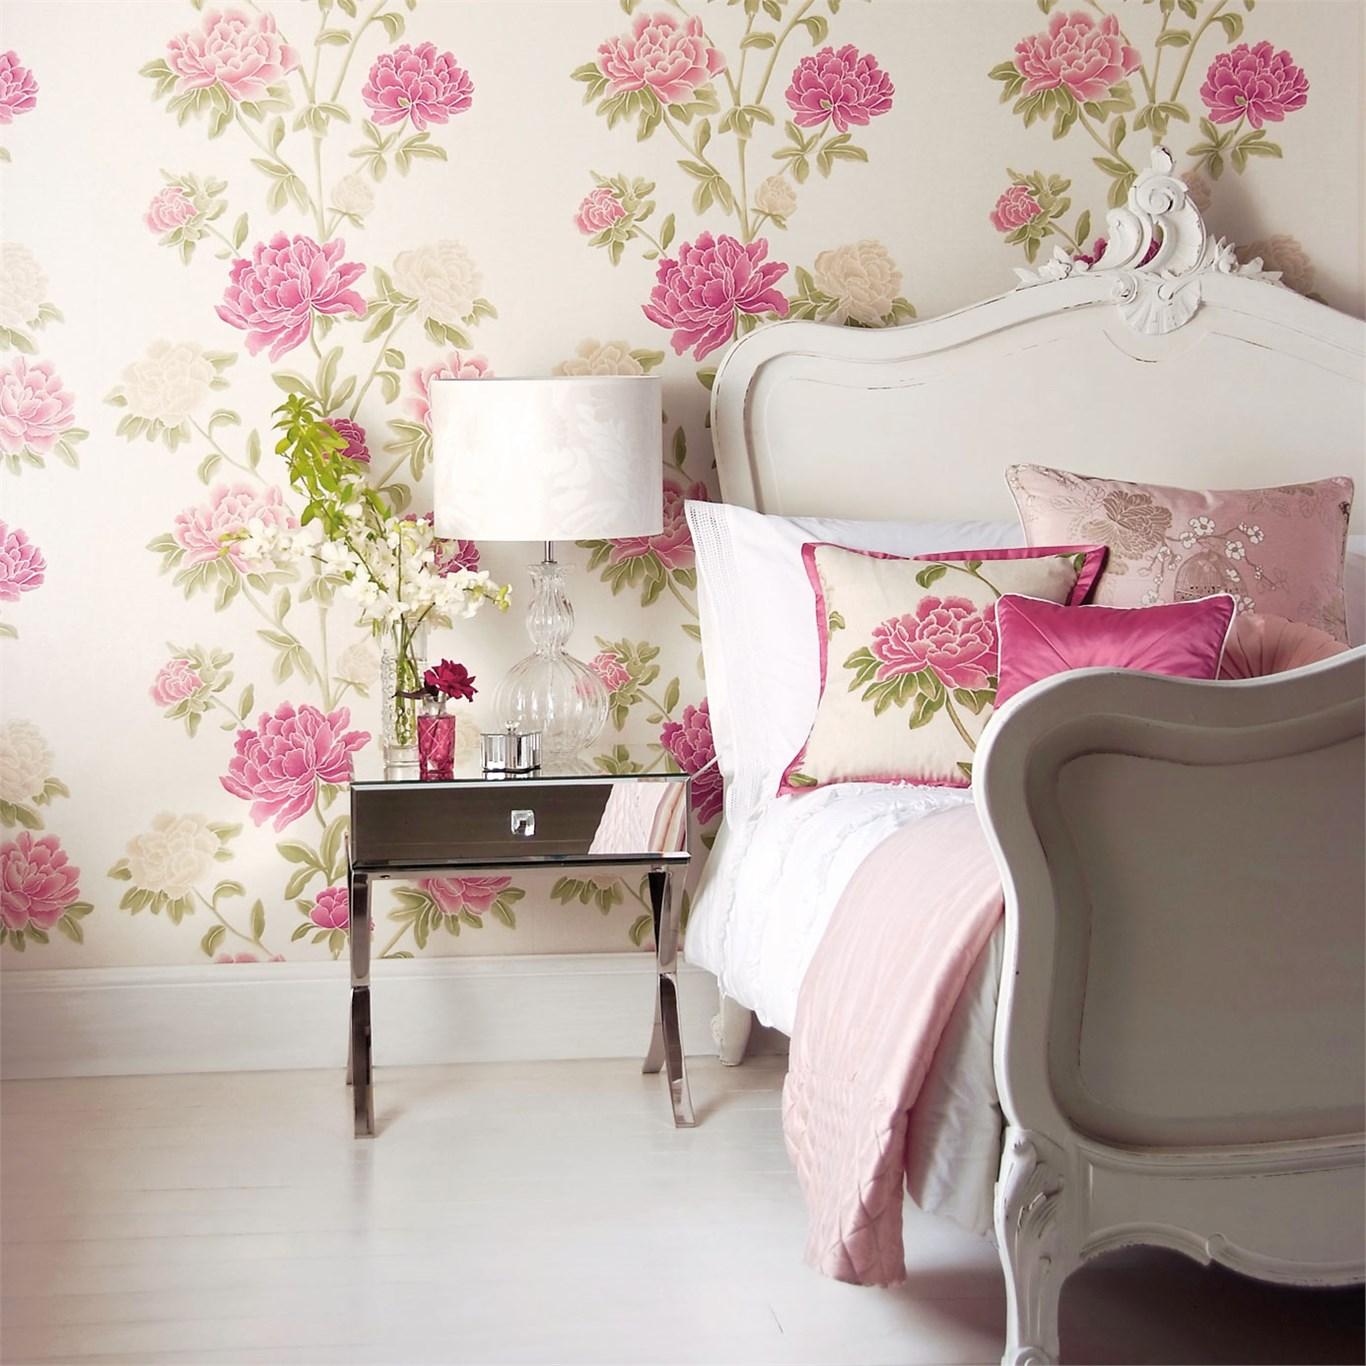 Decoracion de dormitorios con papel pintado dise os for Papel decorativo para habitaciones